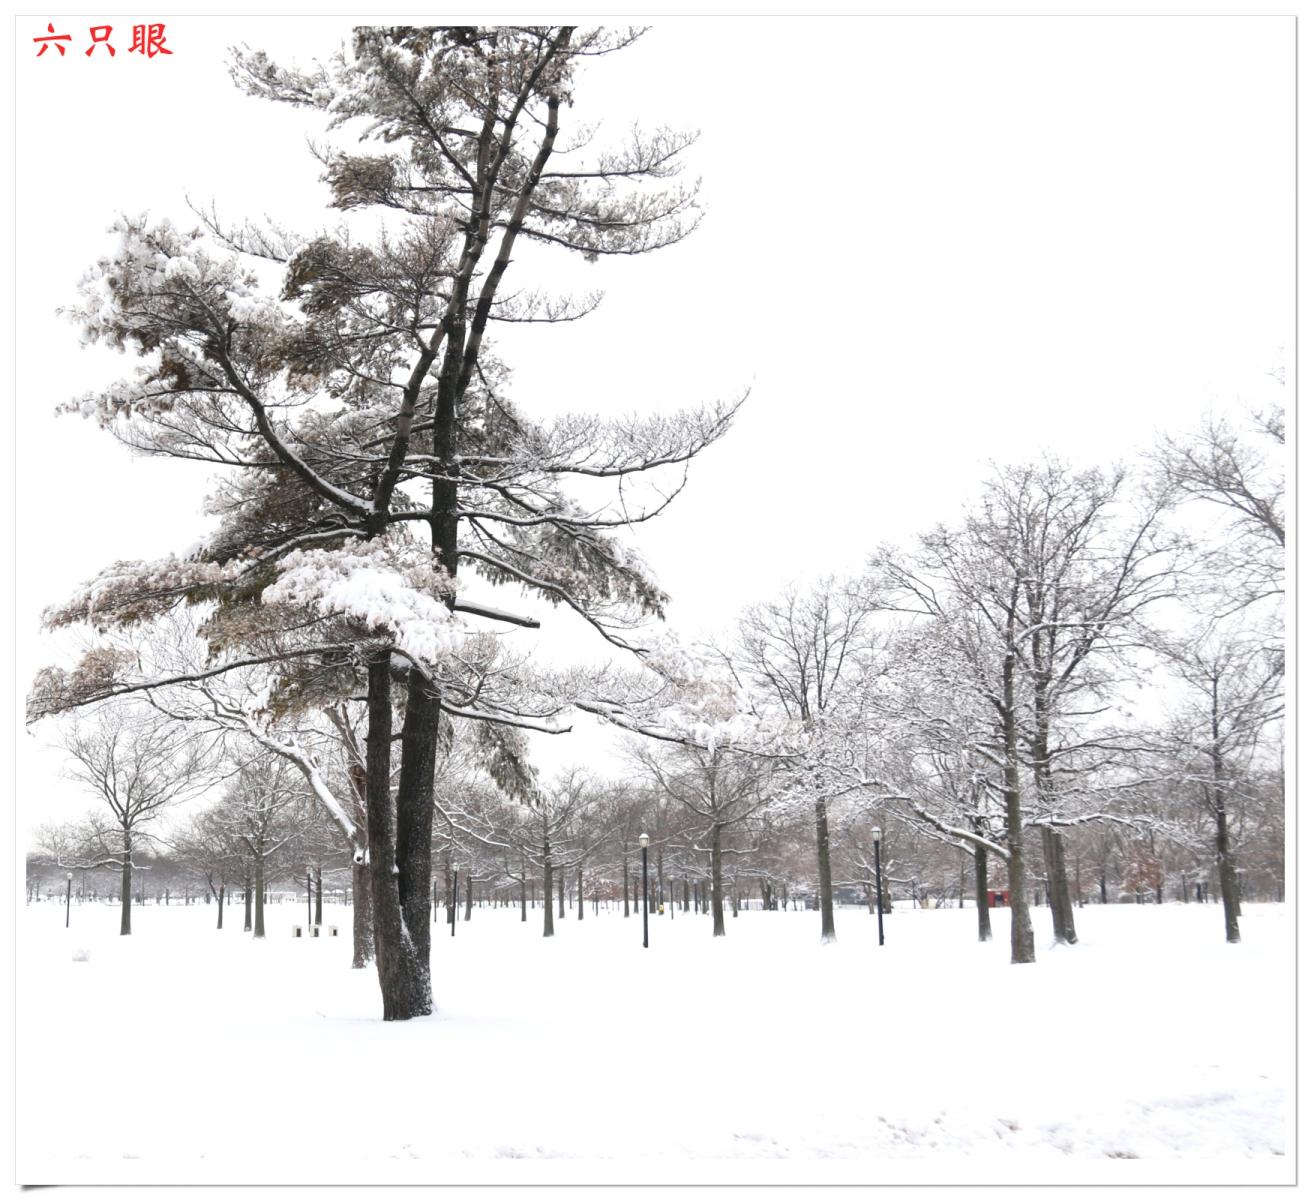 六只眼:好雪迎春来_图1-5